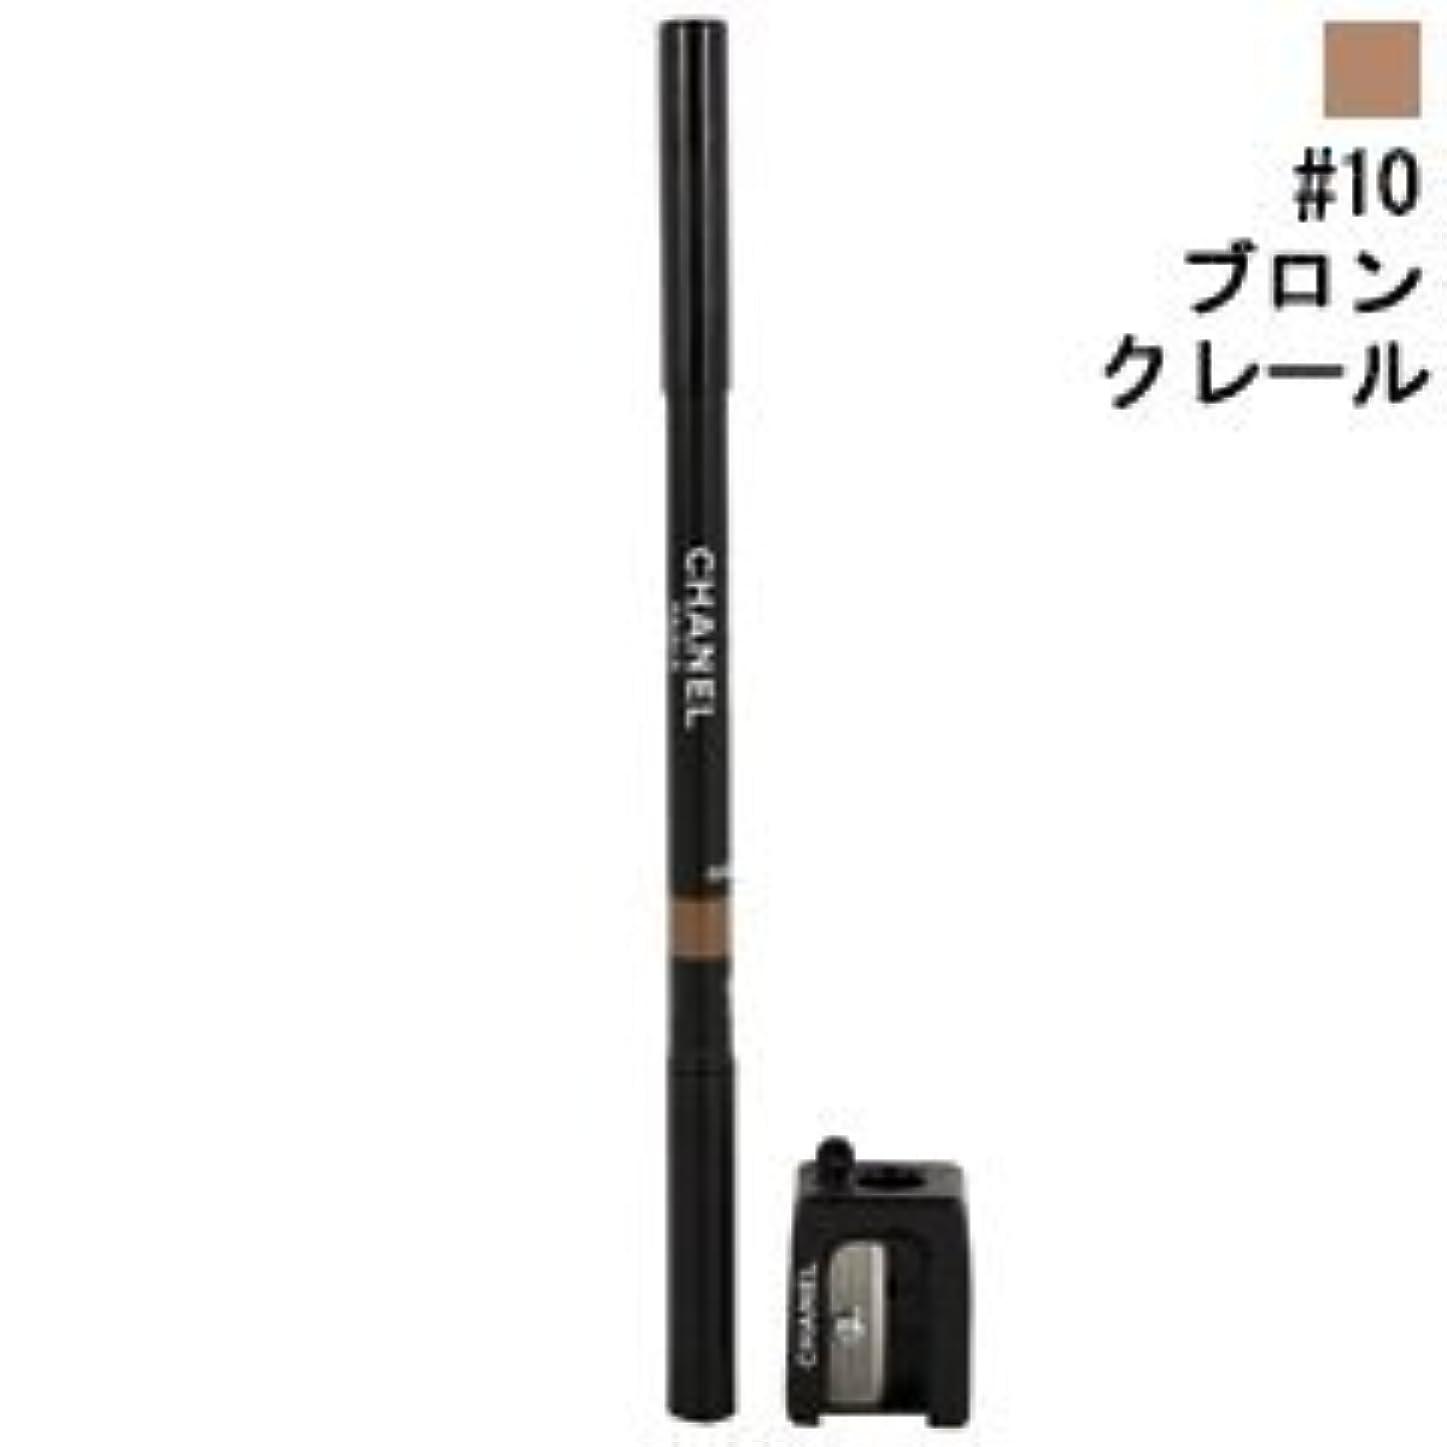 反対にスペード無視する【シャネル】クレイヨン スルスィル #10 ブロン クレール 1g (並行輸入品)